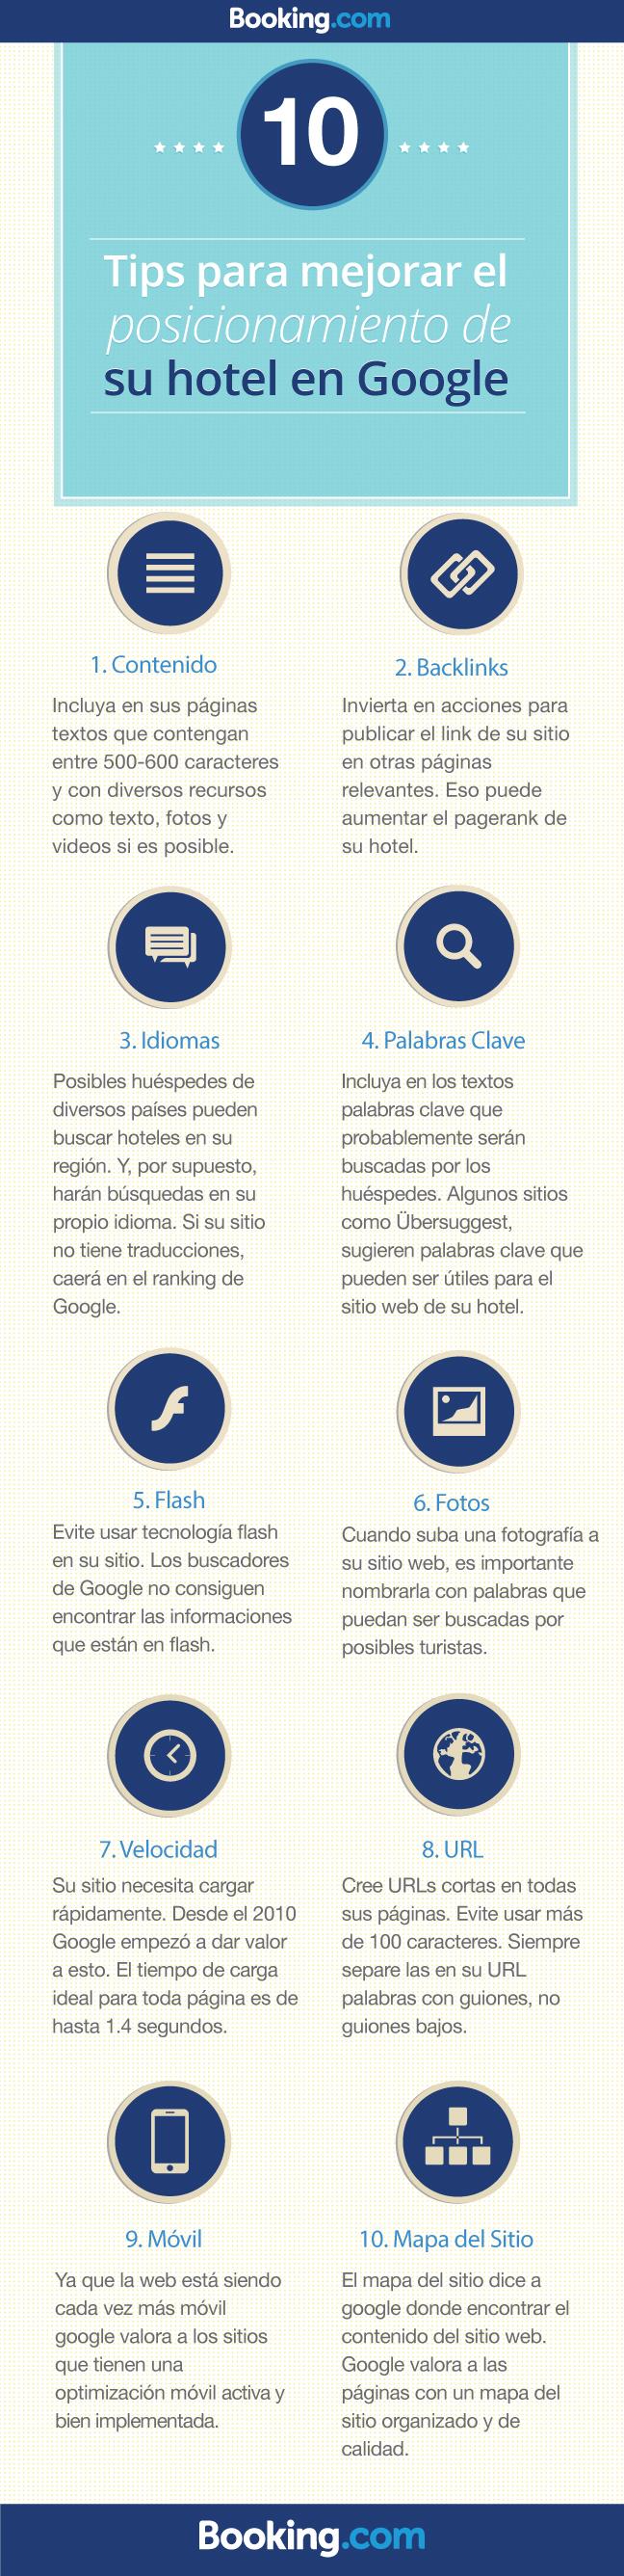 10 Tips para mejorar el posicionamiento SEO de tu hotel #Infografia #Infographic #SEO #Tourism by Booking.com